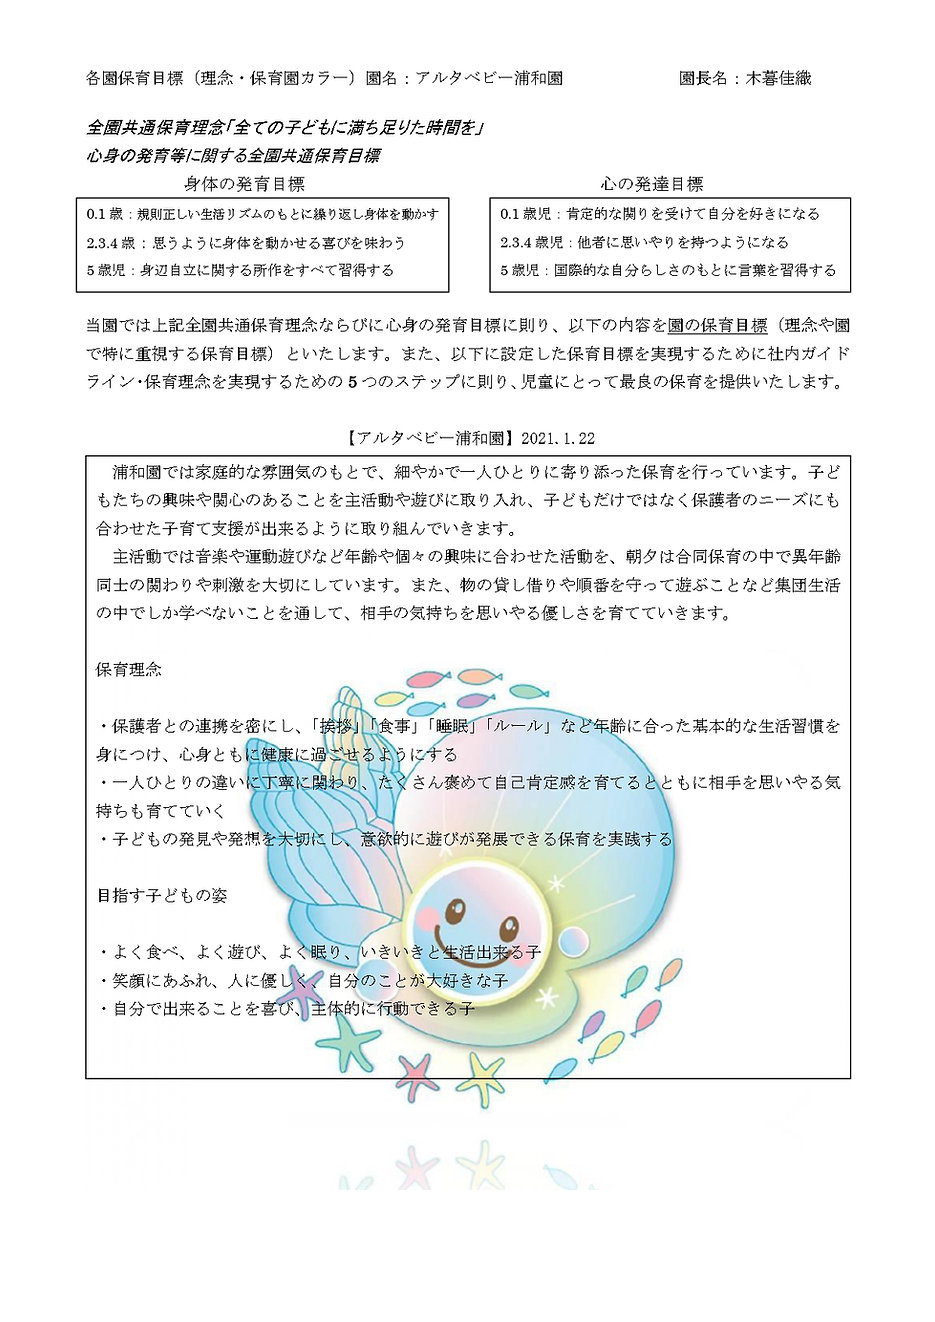 アルタベビー浦和園_page-0001.jpg